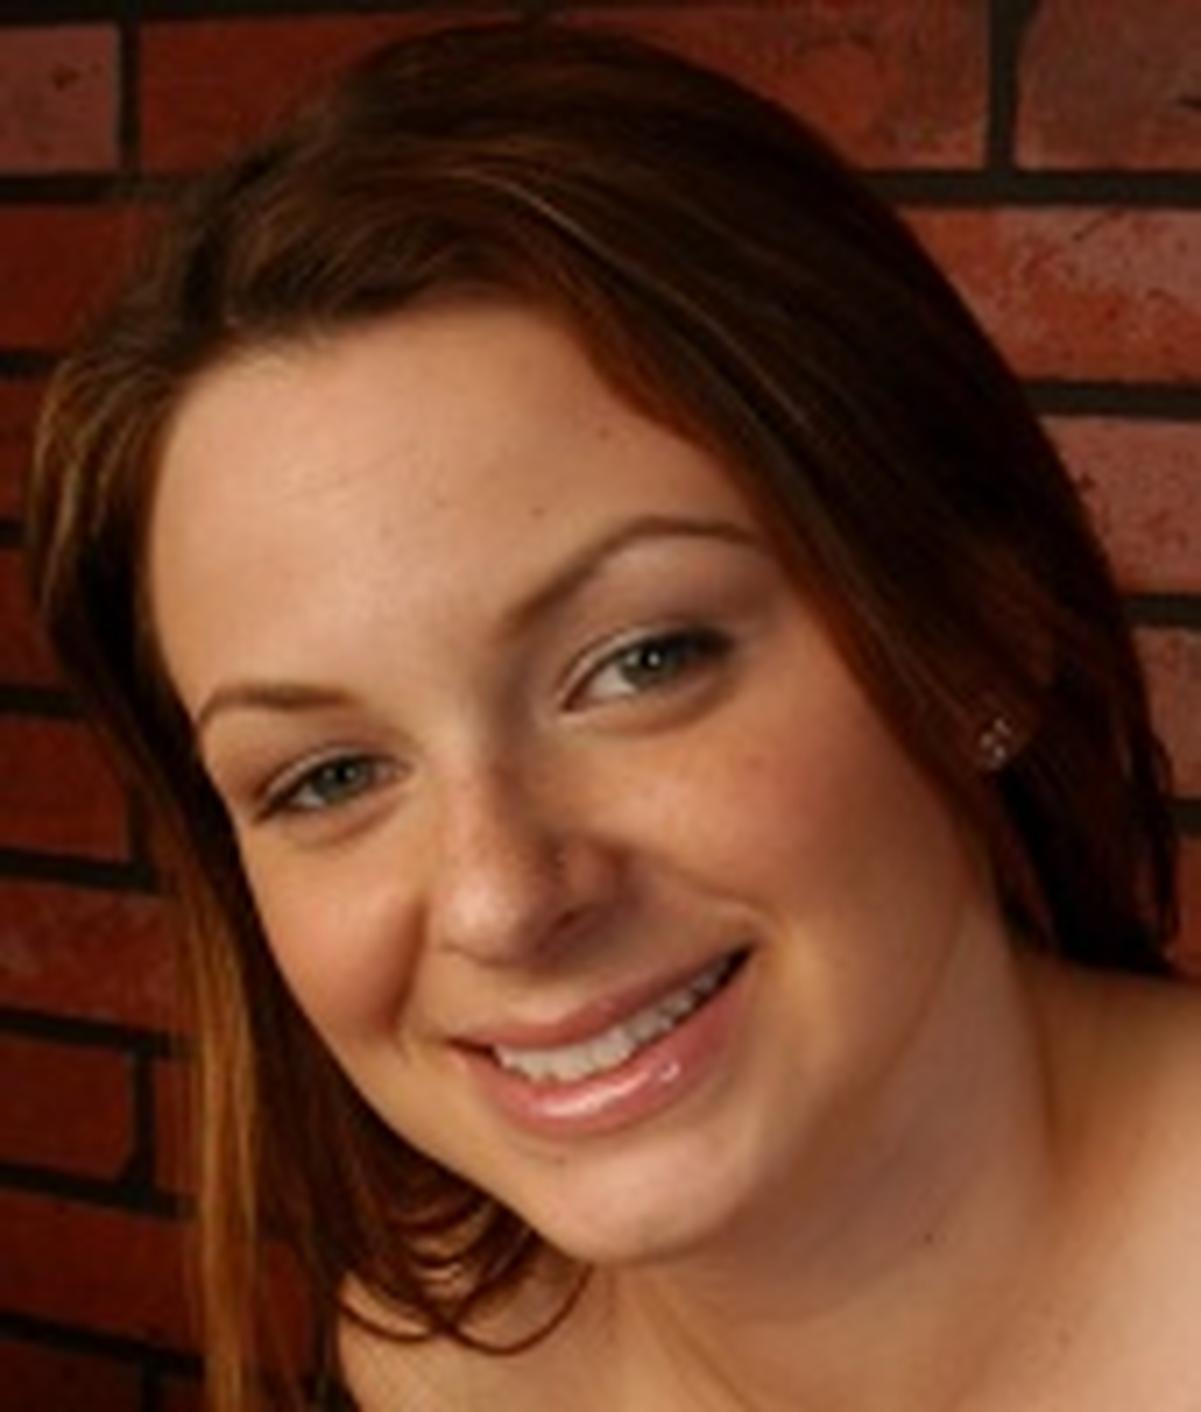 Ava Miller